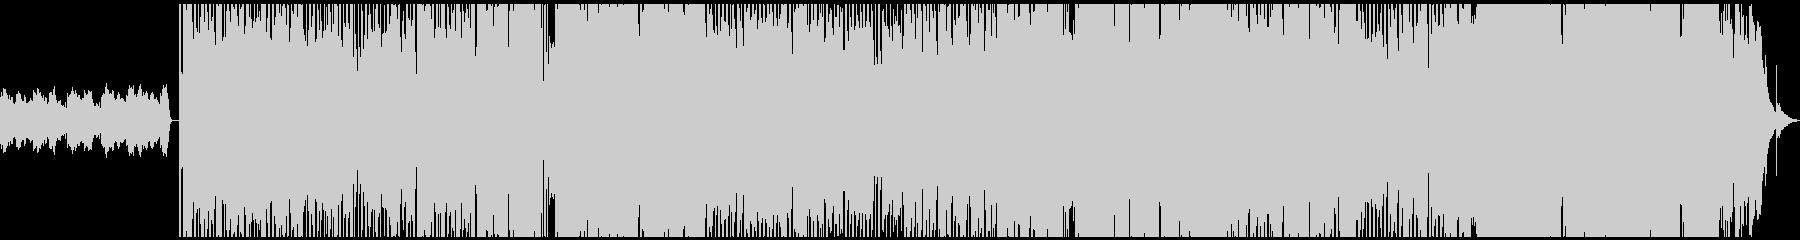 幻想的なシンセが目立つBGMの未再生の波形